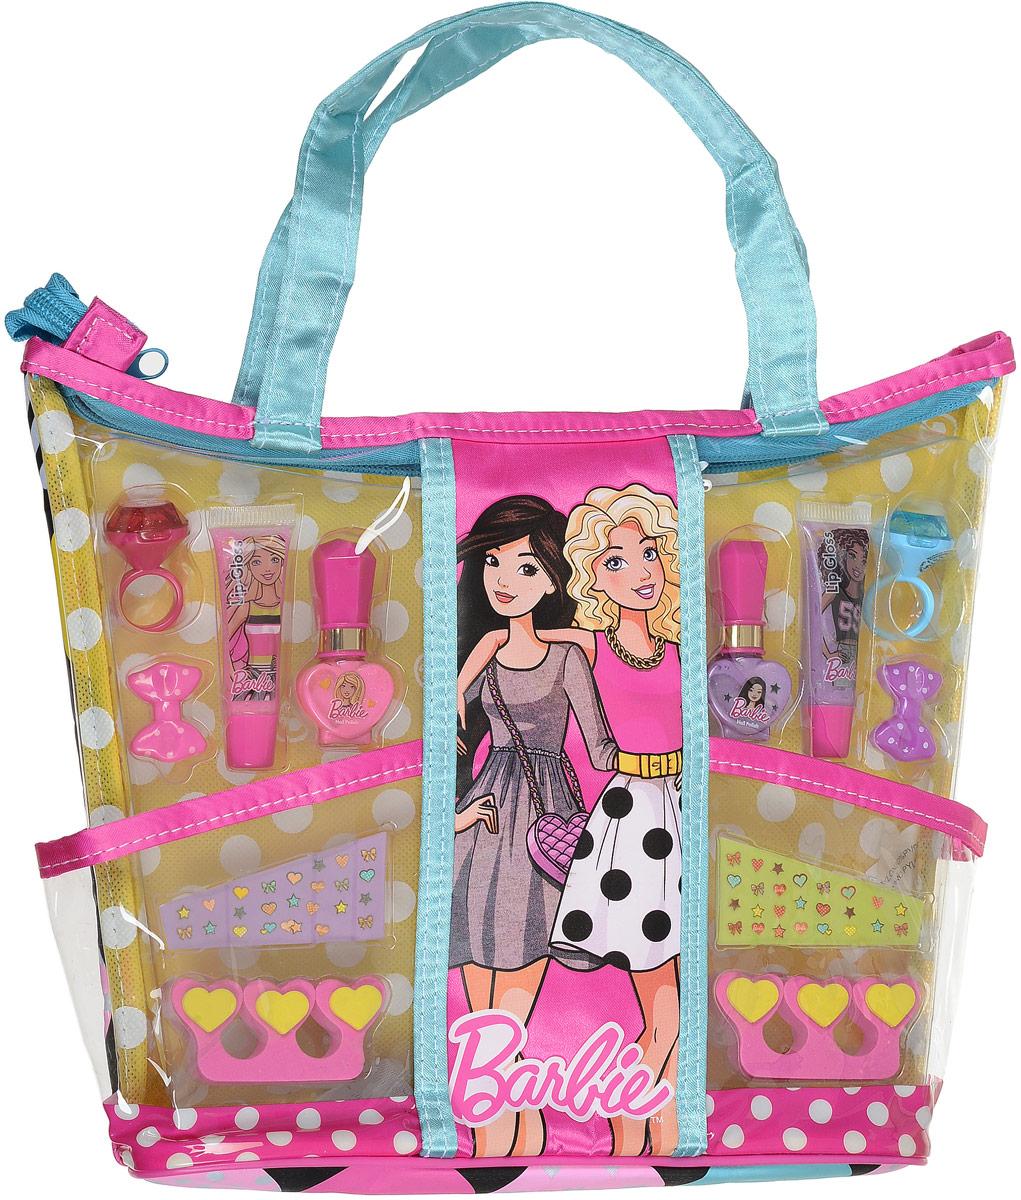 Markwins Игровой набор детской декоративной косметики Barbie 9709251 - Наборы